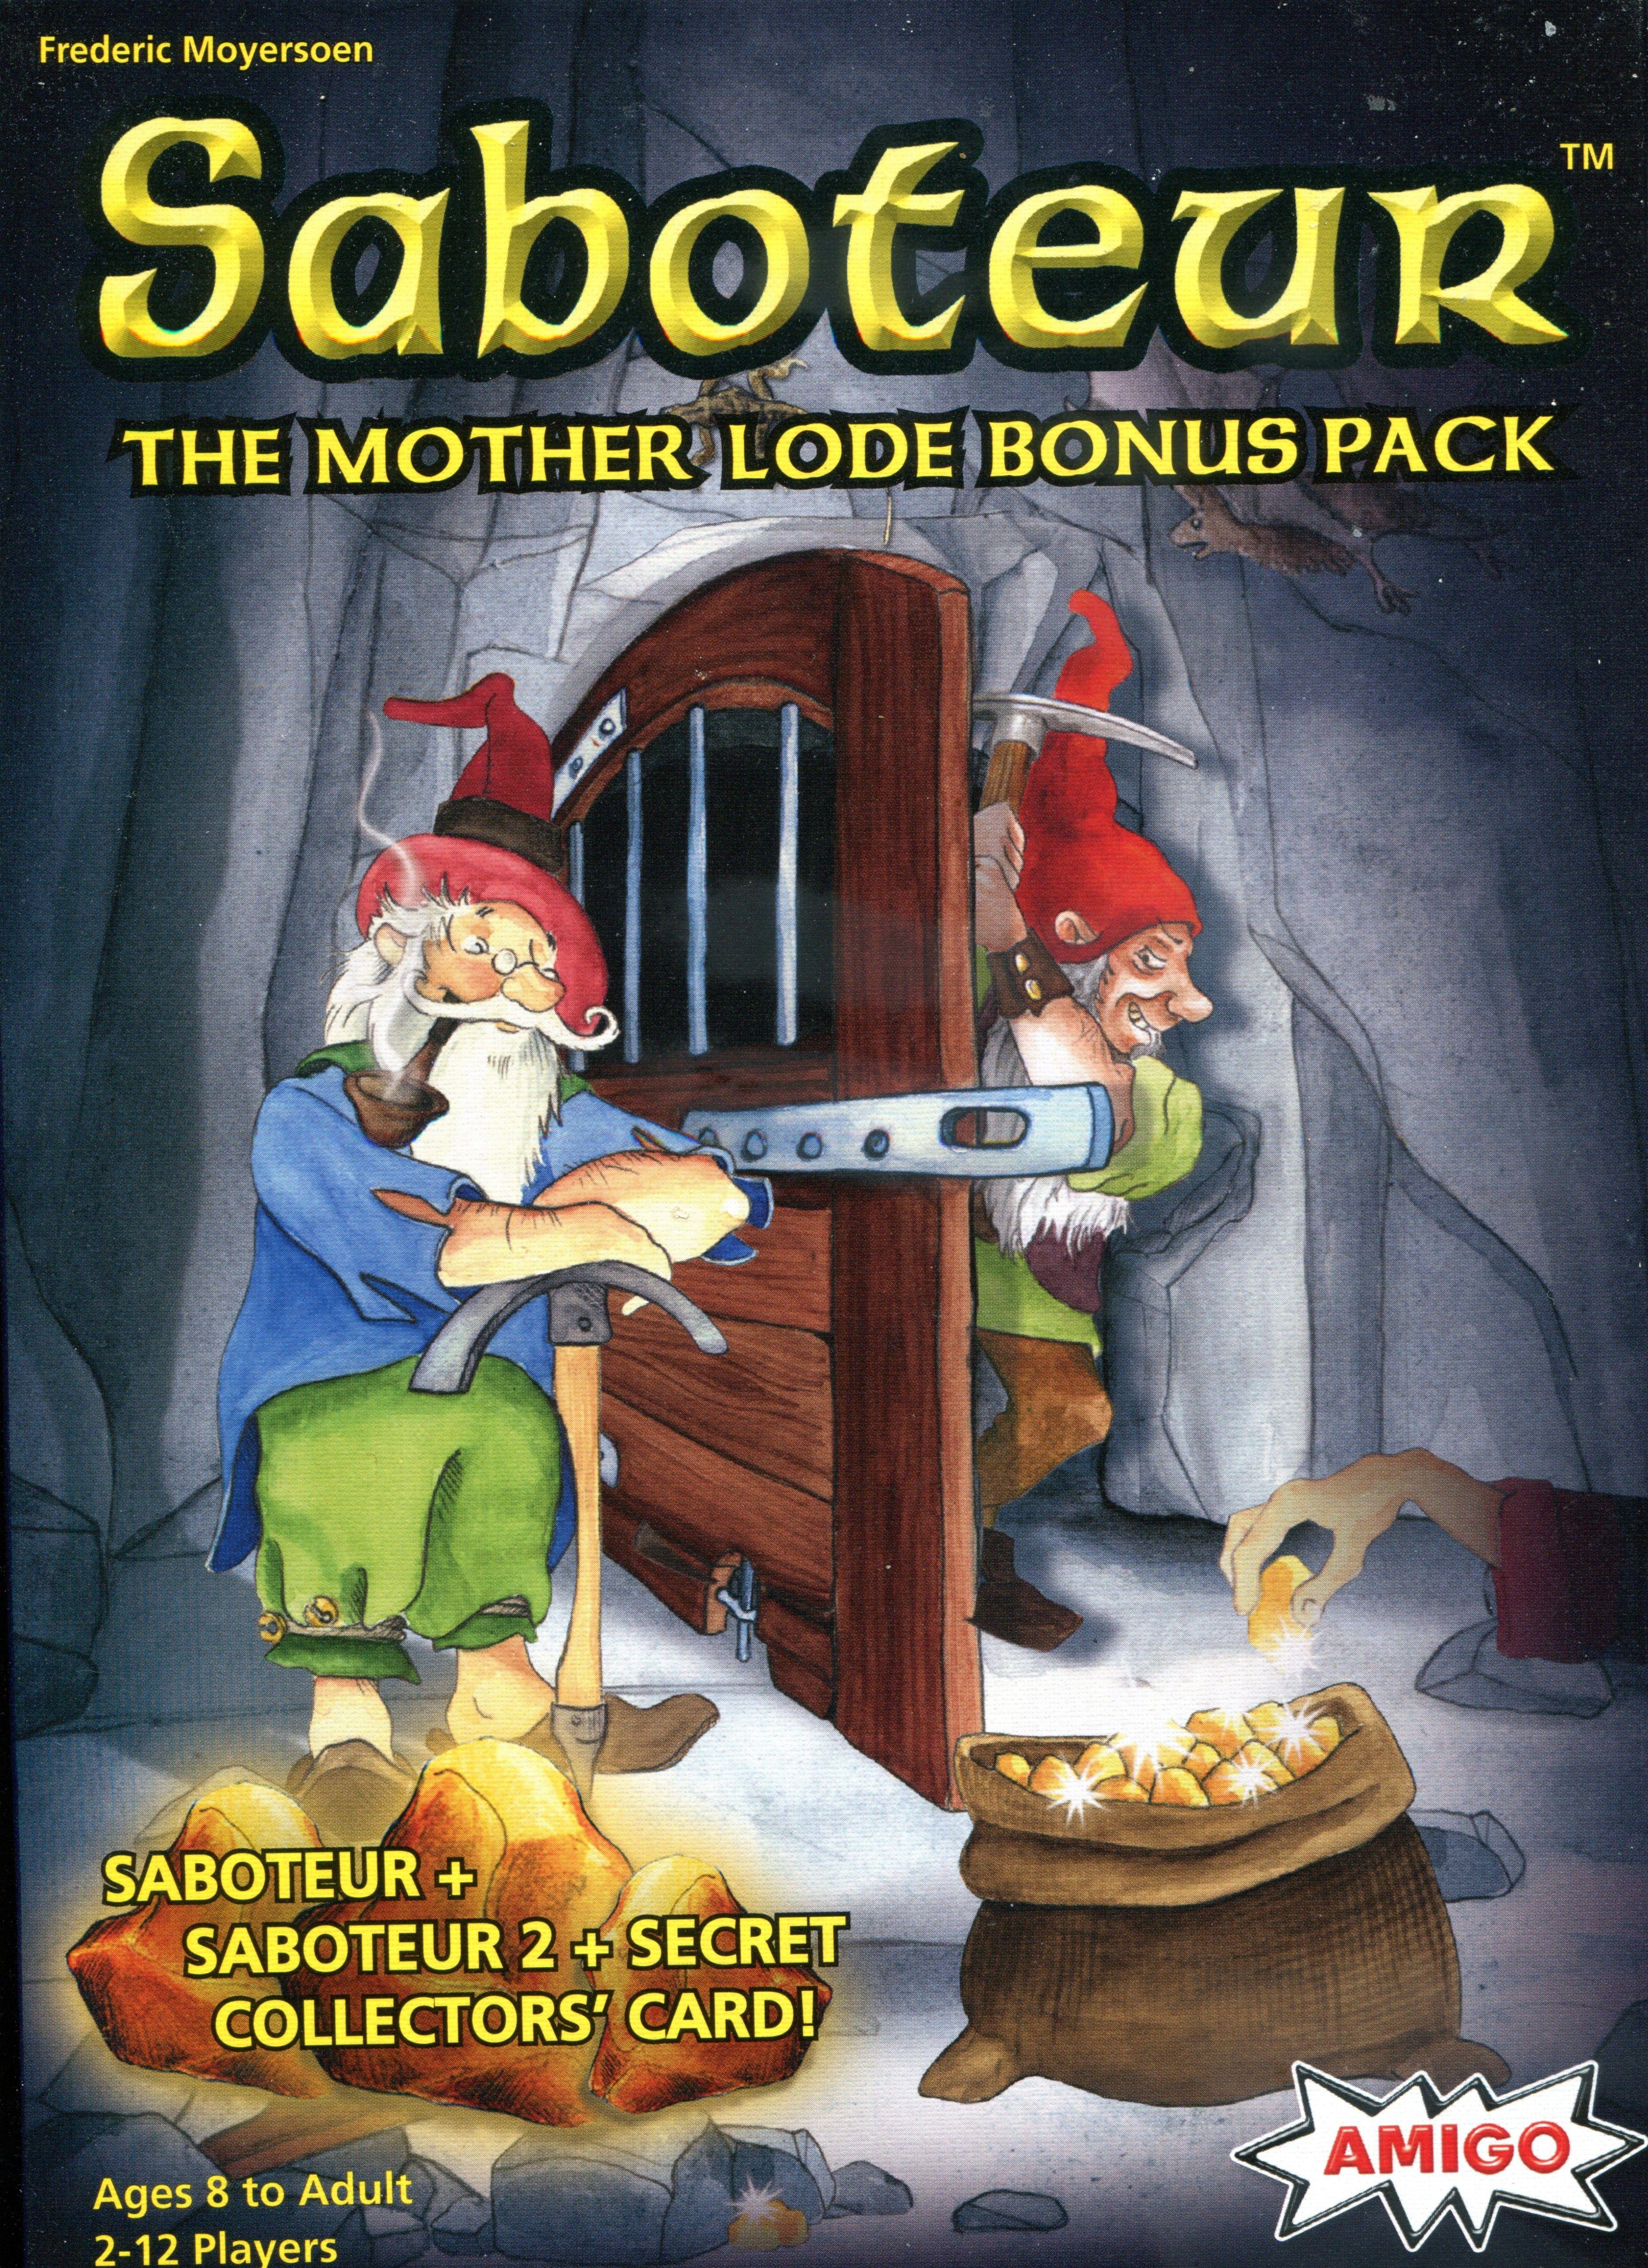 Saboteur: The Mother Lode Bonus Pack